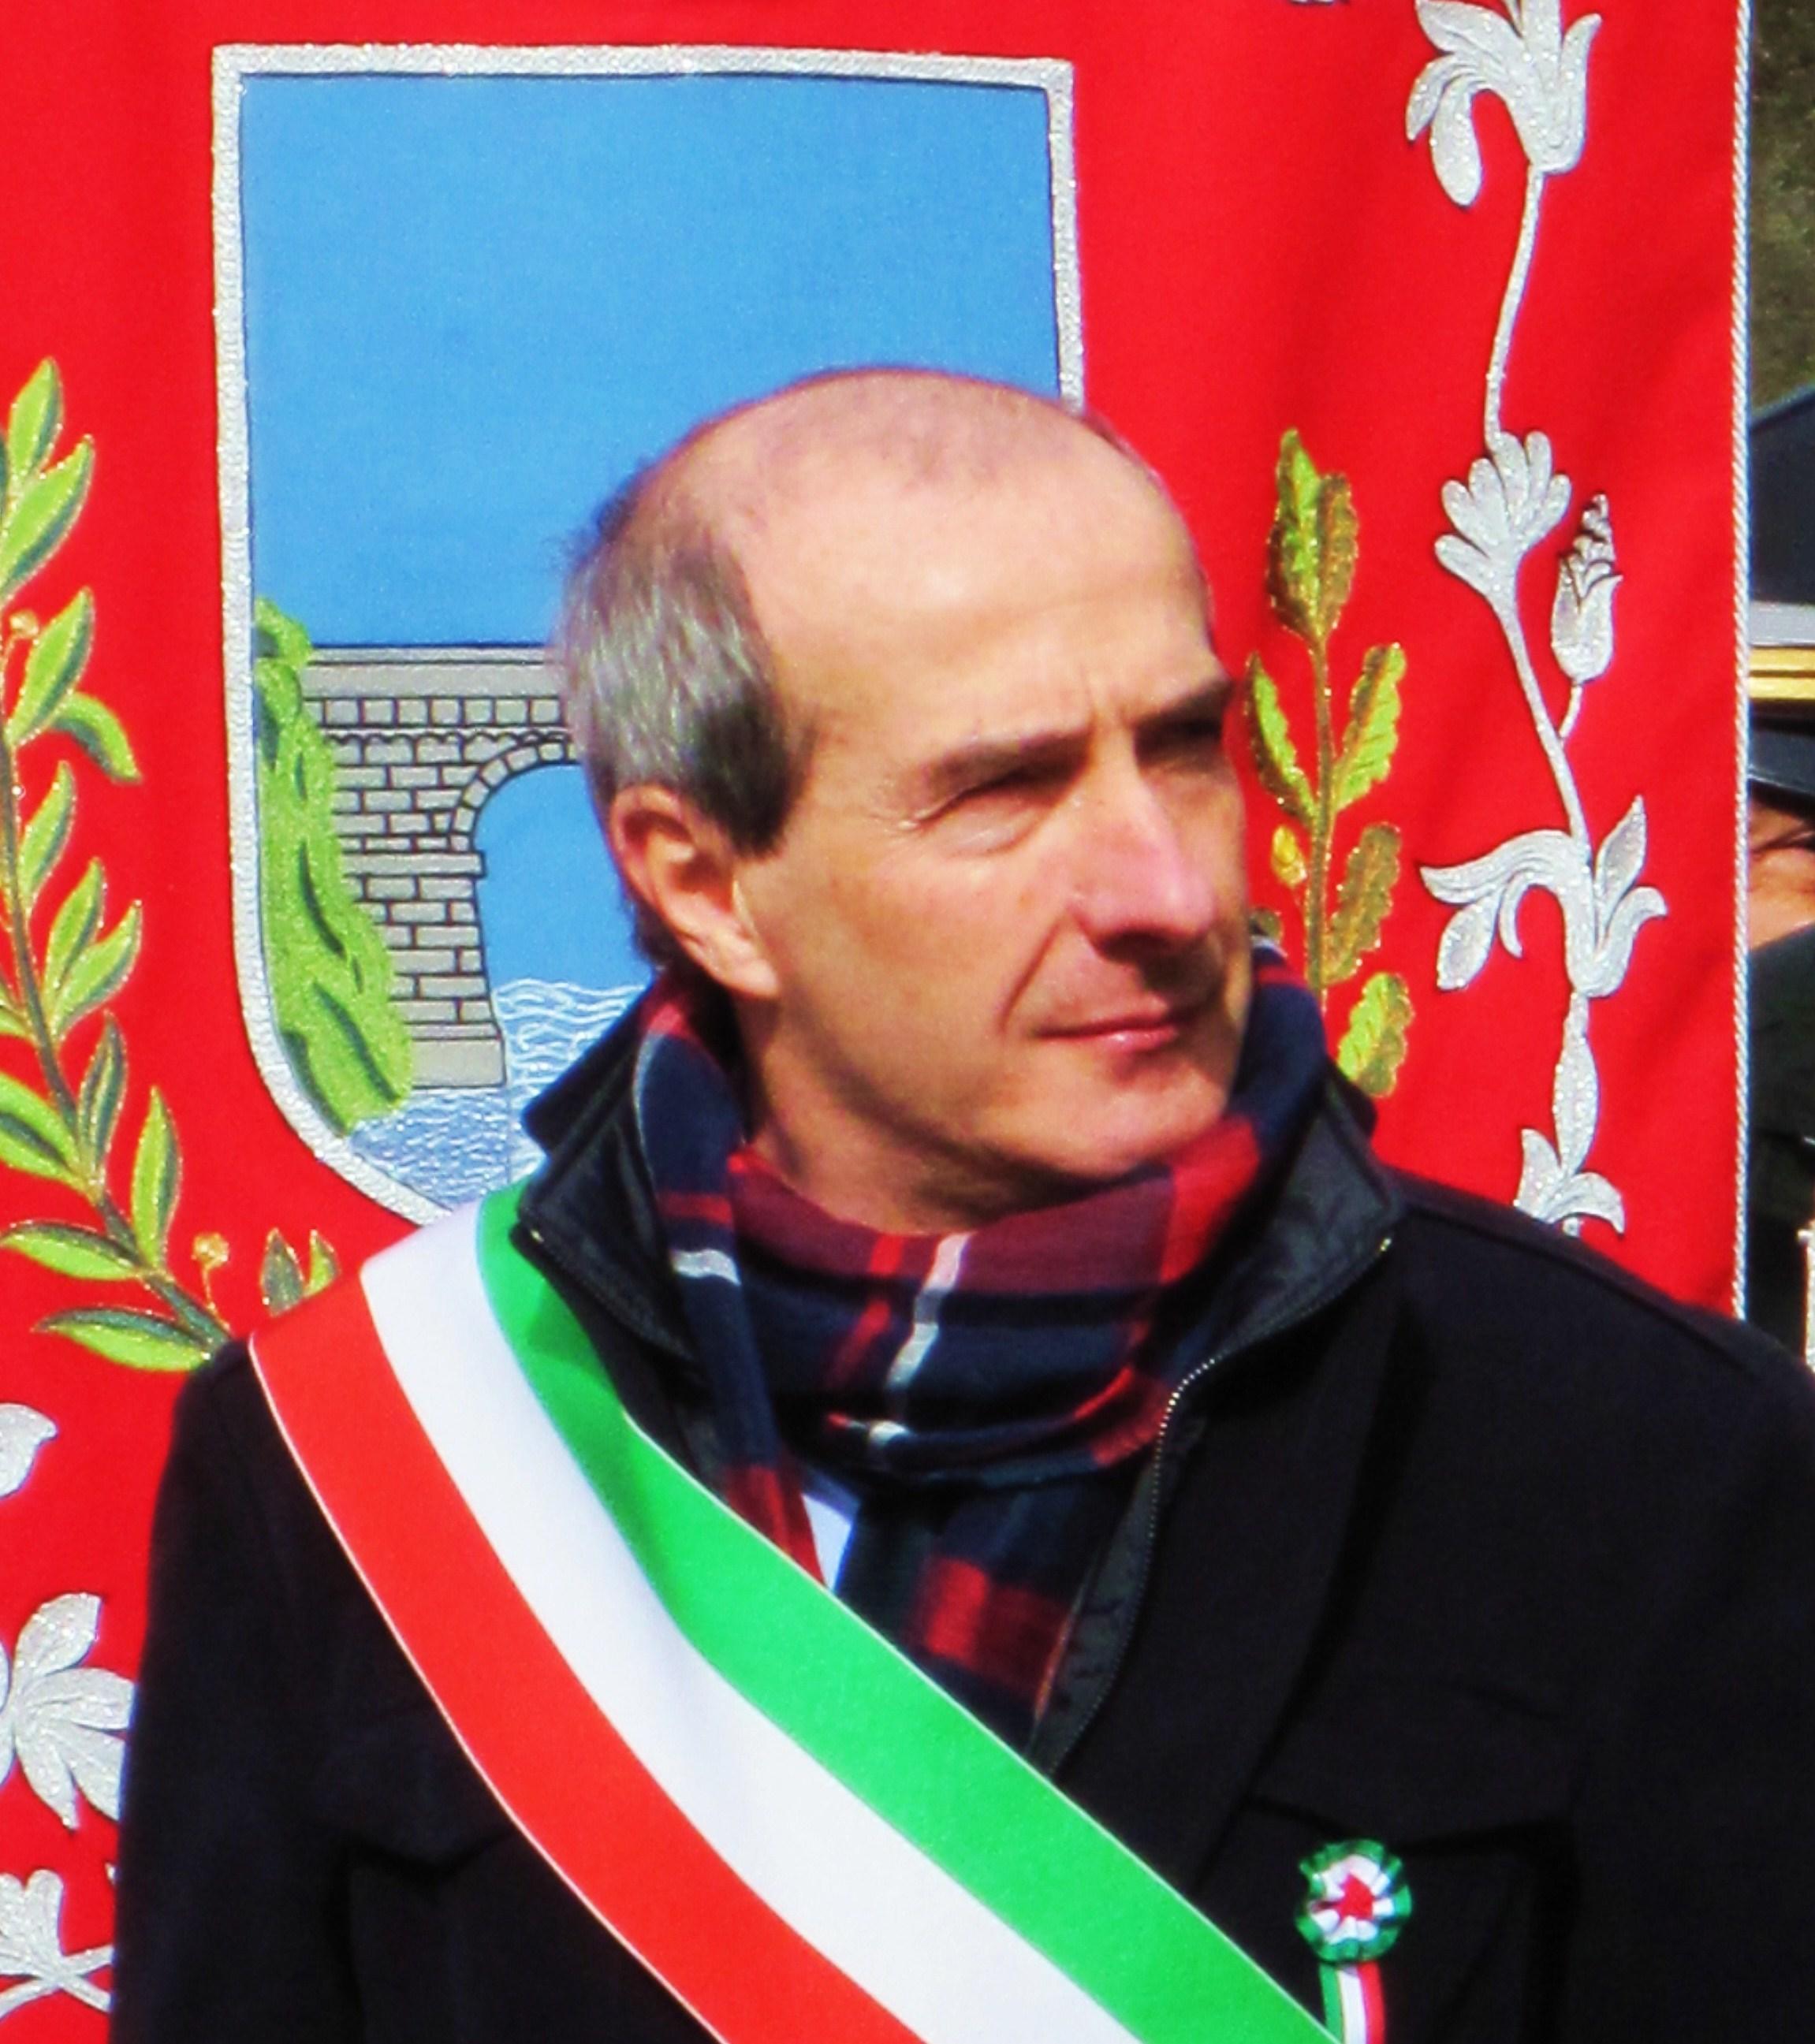 Paolo Coppo